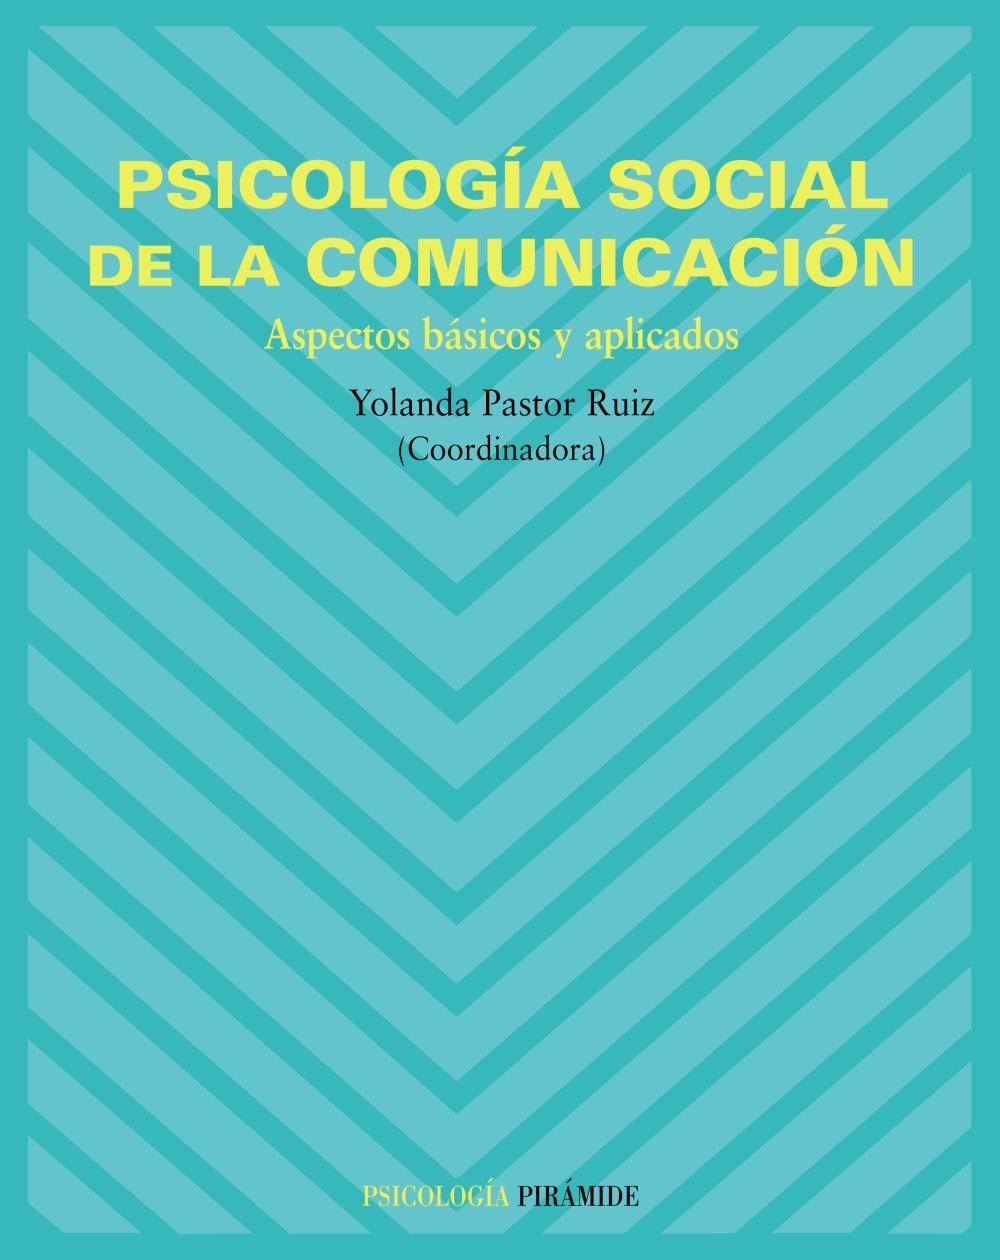 Psicologia Social De La Comunicacion: Aspectos Basicos Y Aplicado S por Yolanda Pastor Ruiz epub